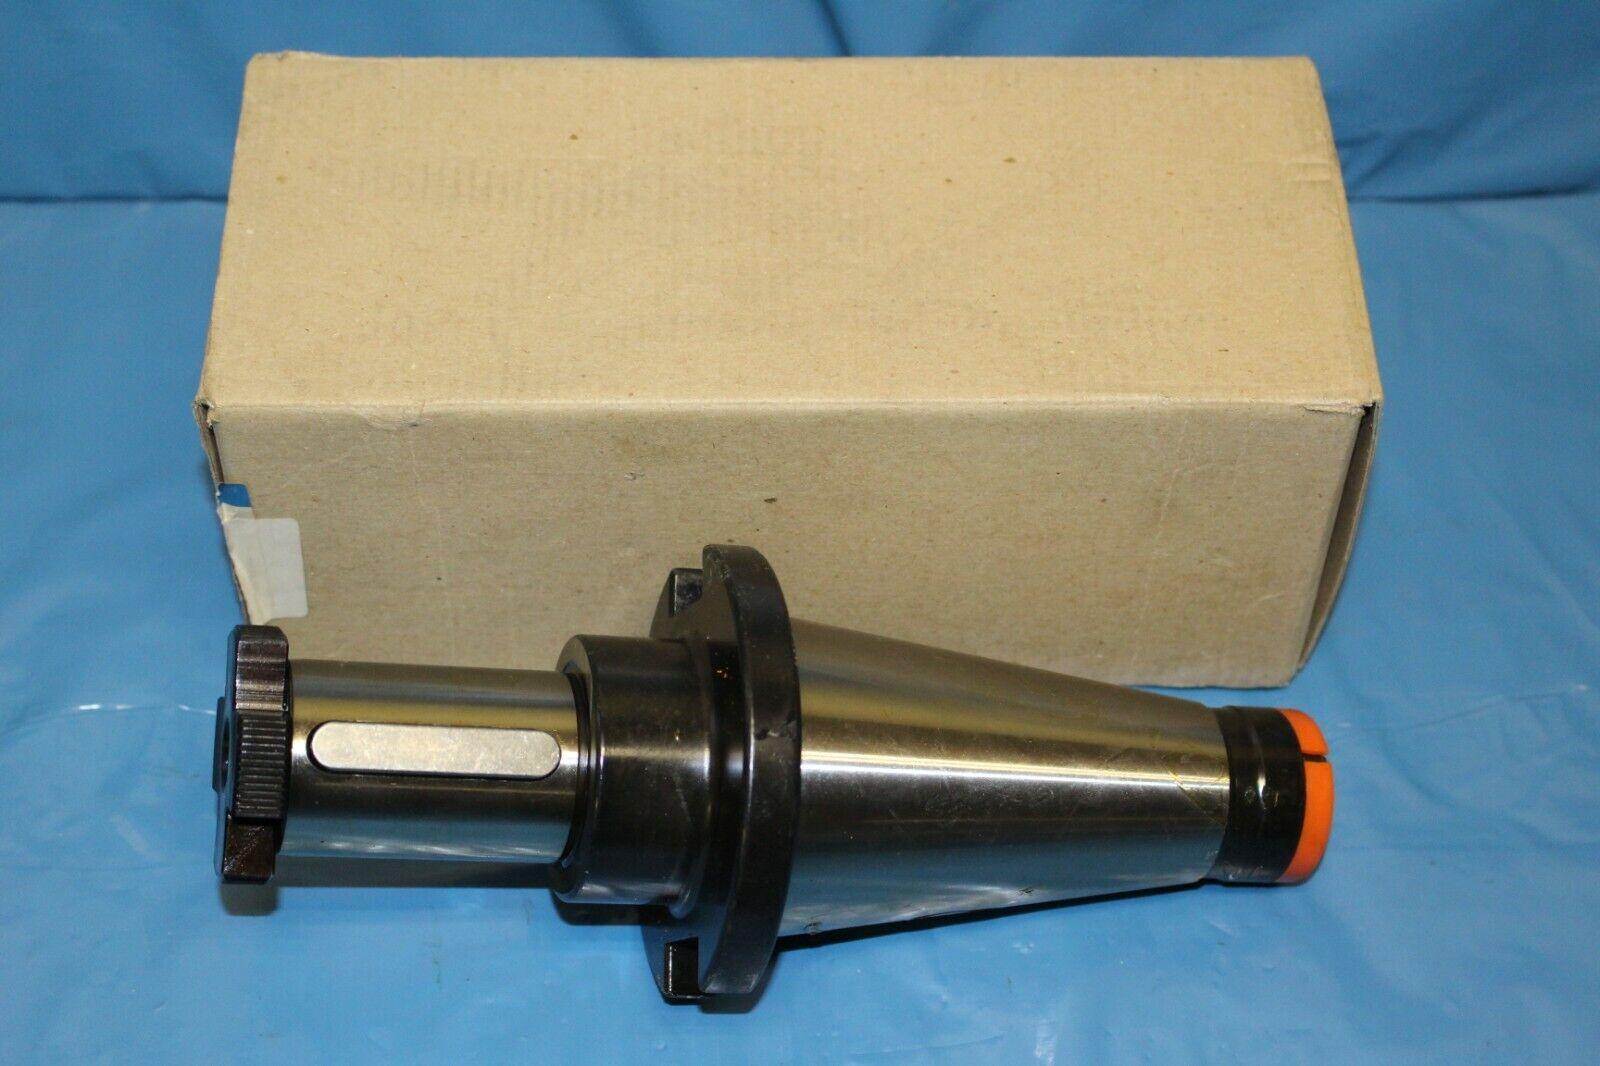 Fräsdorn SK50 DIN 2080 Fräseraufsteckdorn Aufsteckfräserdorn Aufsteckdorn Walz